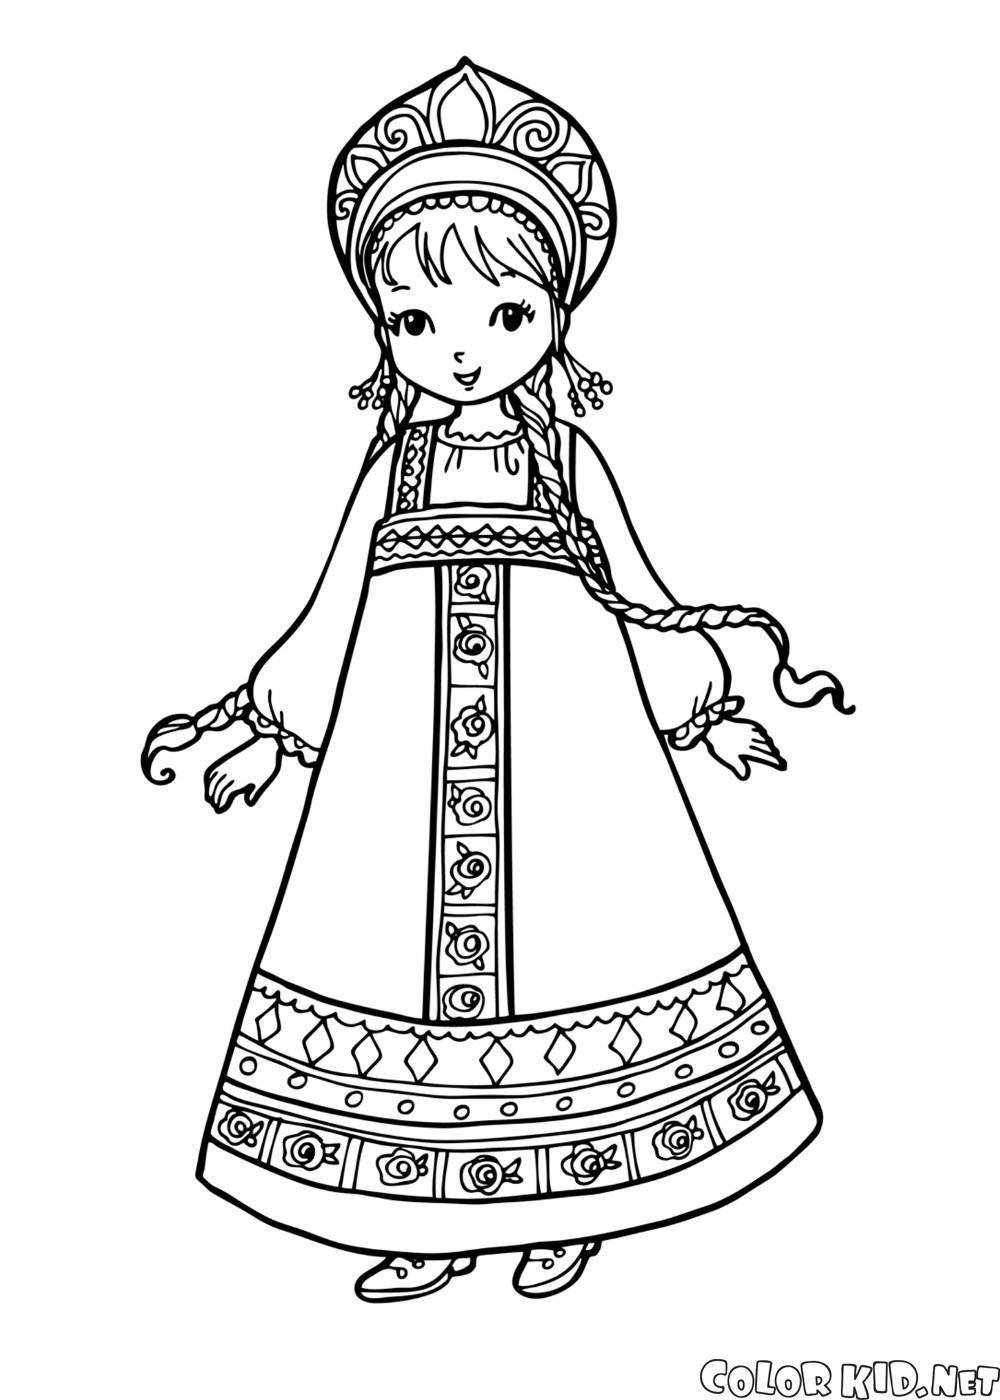 Dziewczyna w stroju ludowym